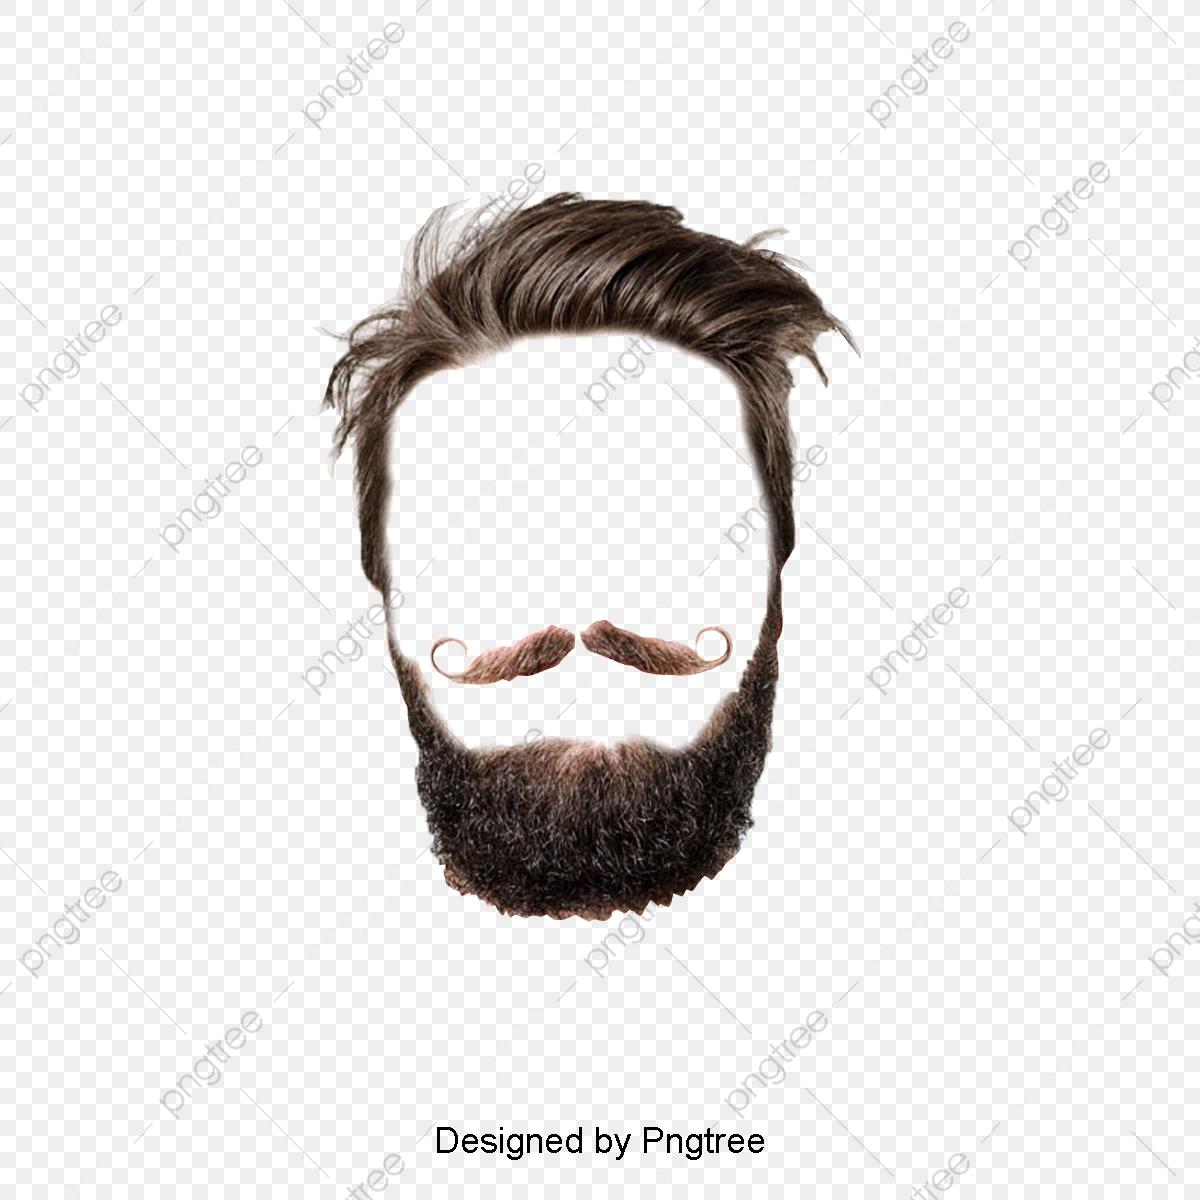 Hair moustache png transparent. Beard clipart file